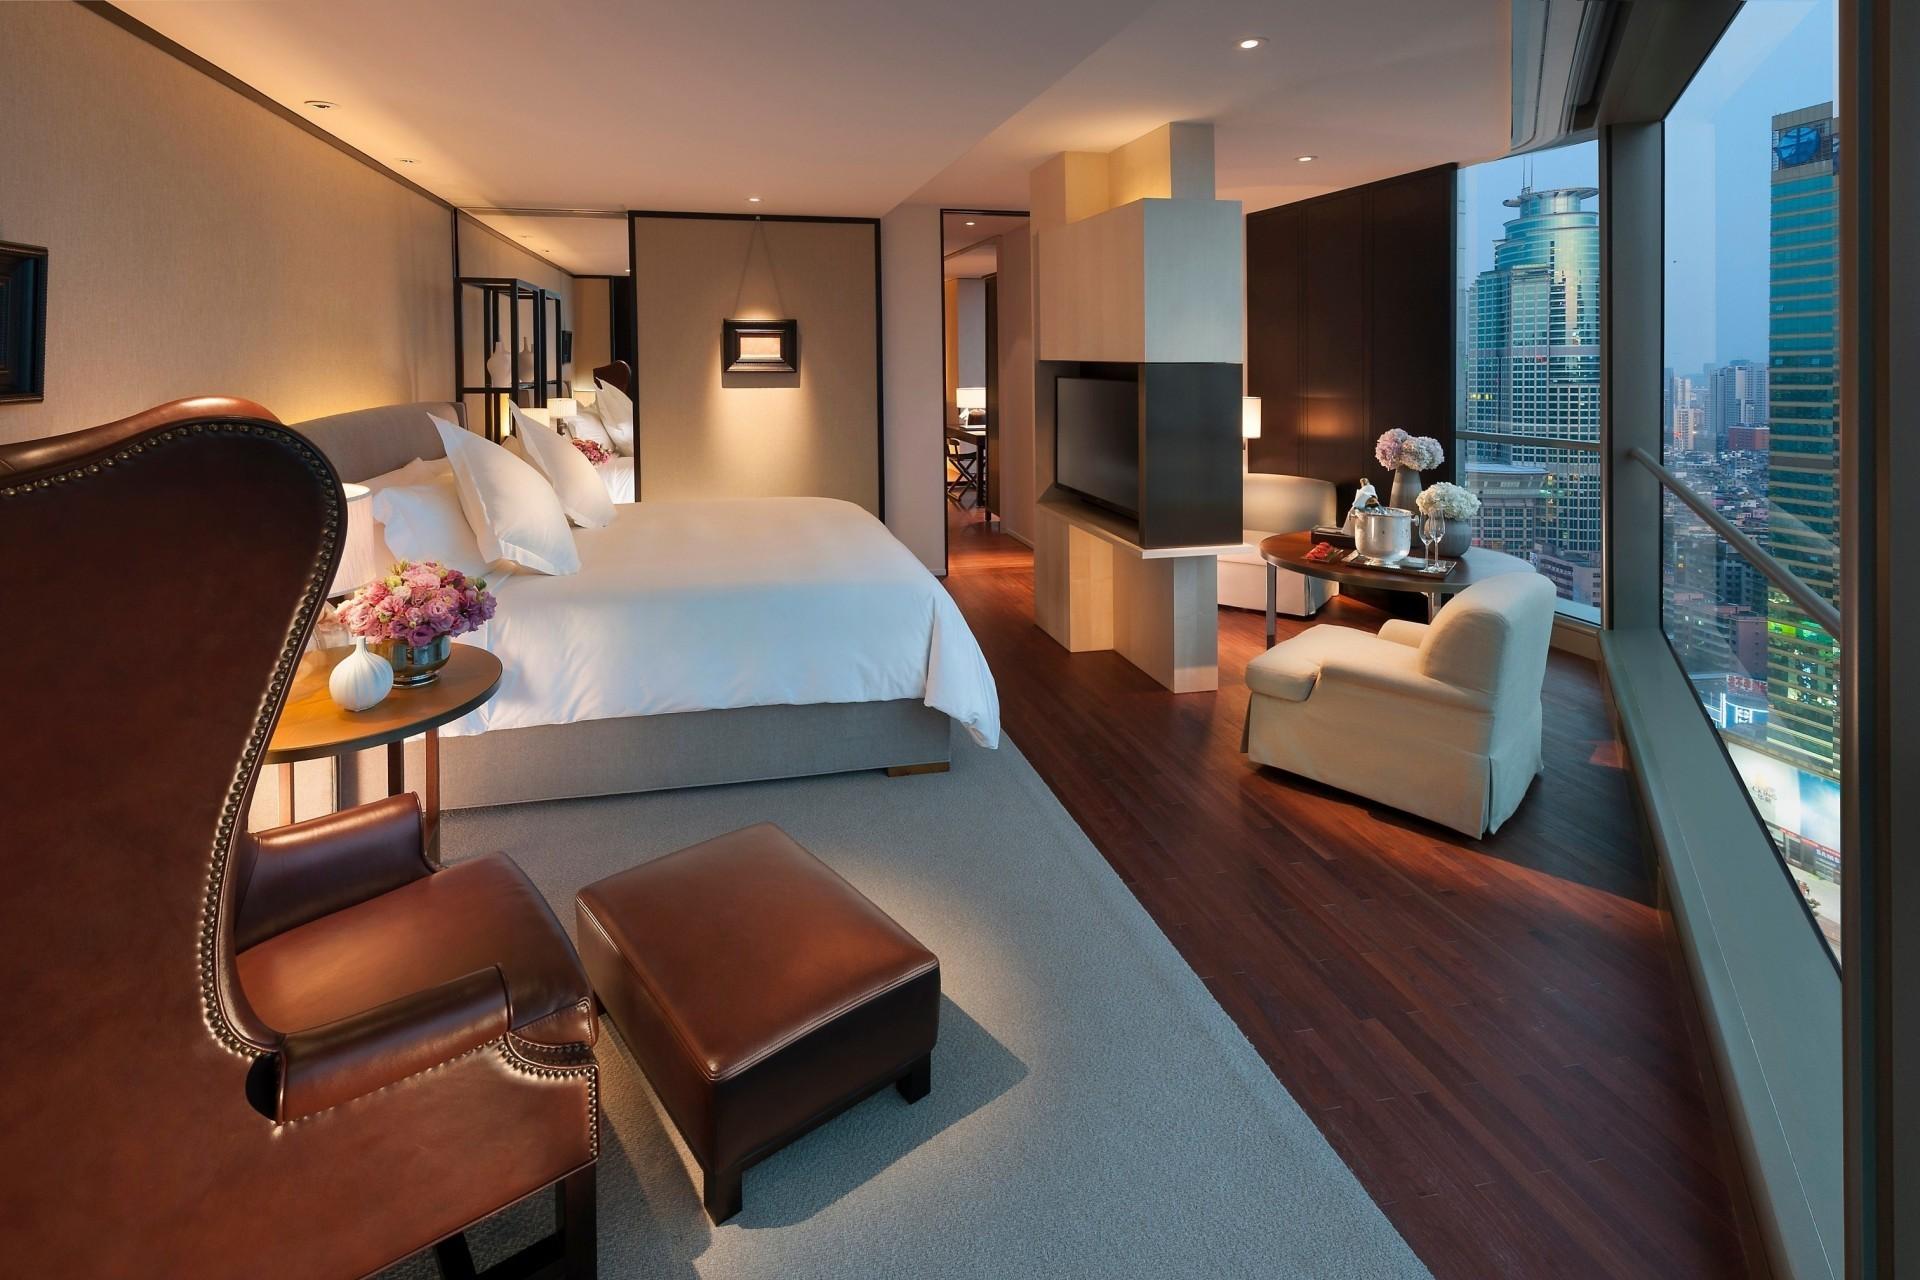 дизайн гостиной спальни 17 кв м